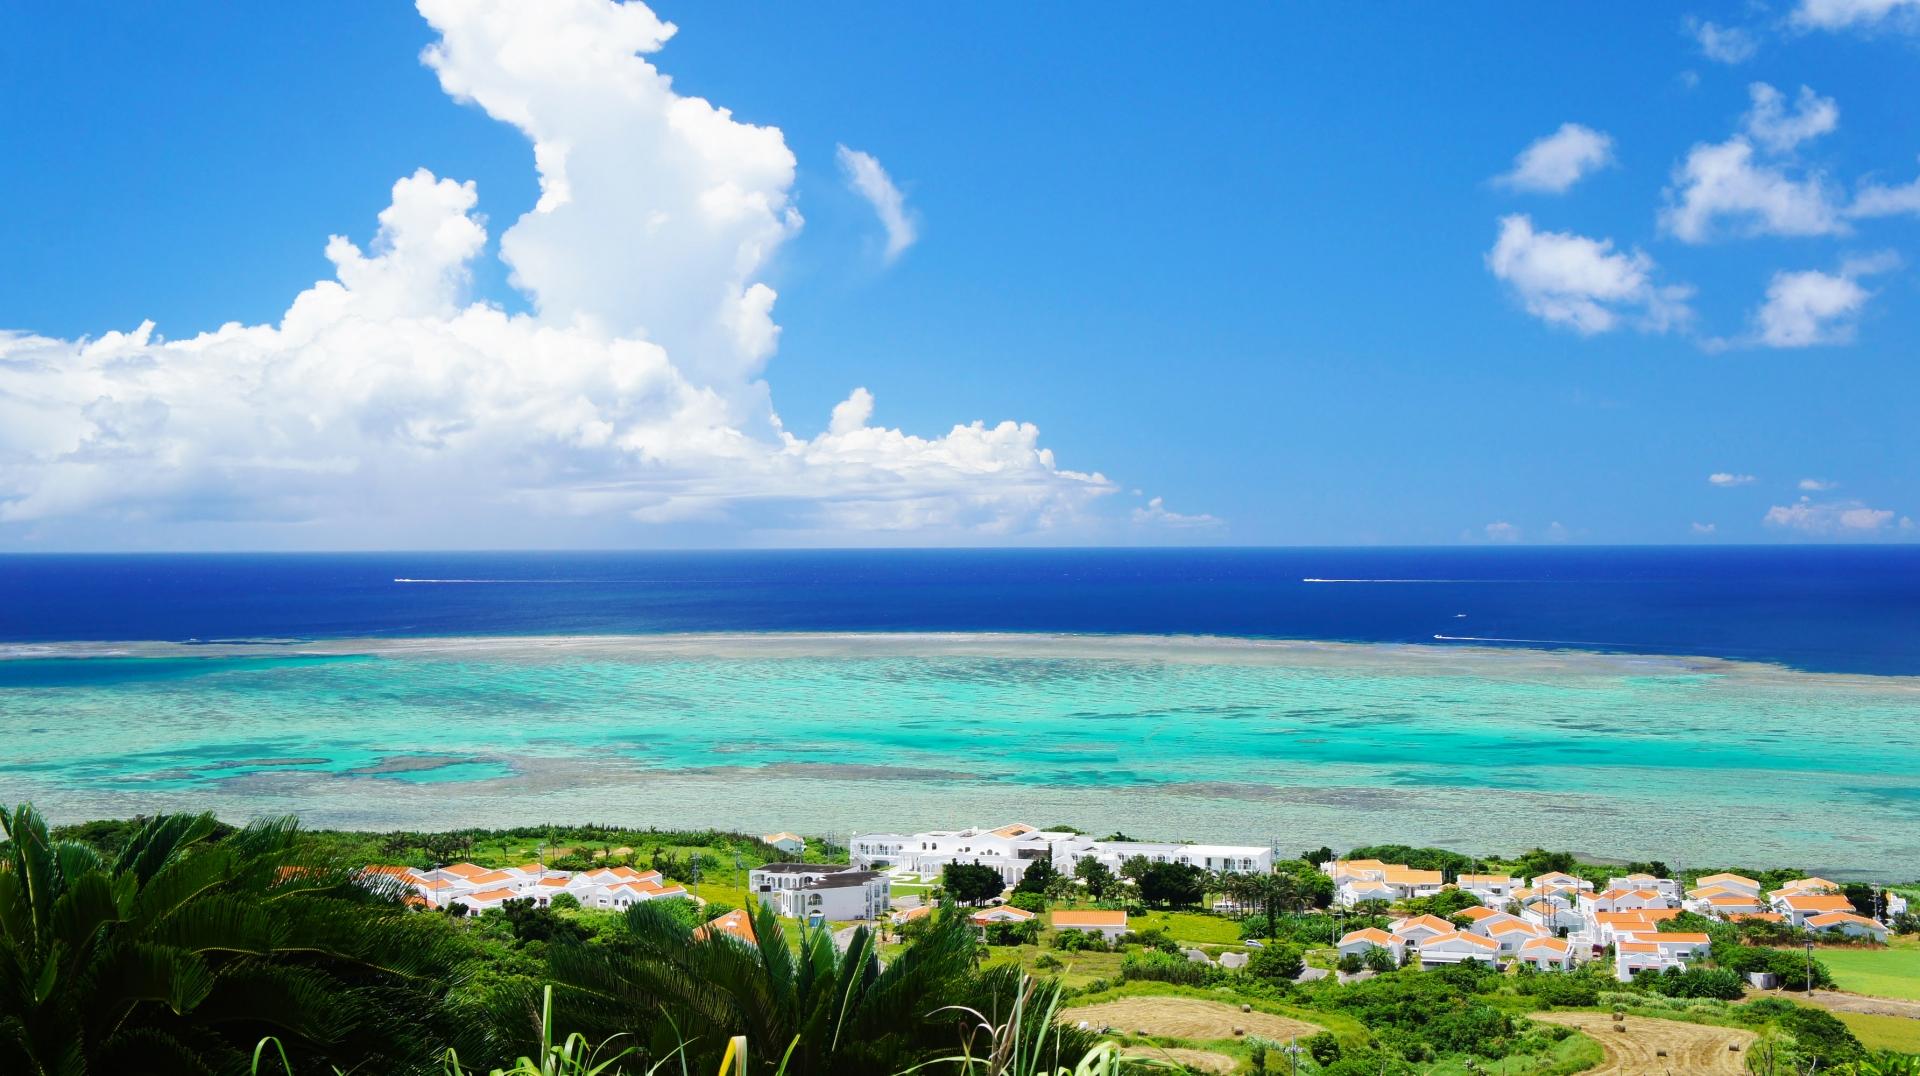 離島として有名な小浜島